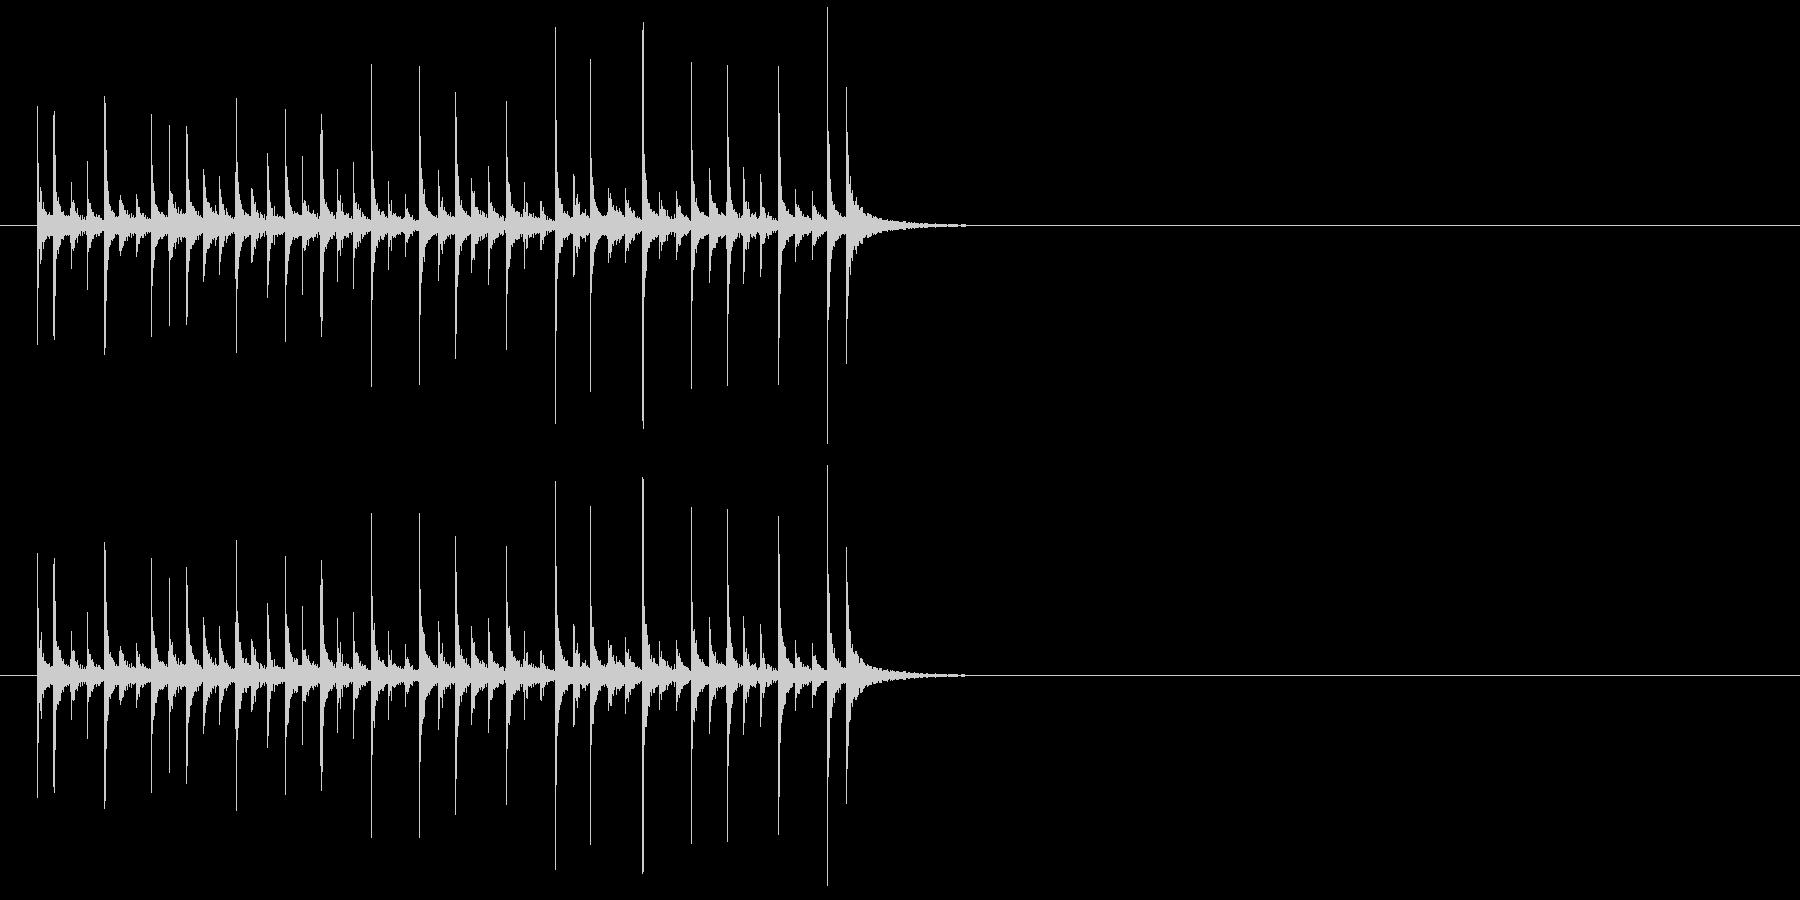 ランニングドラム、音楽、パーカッシ...の未再生の波形